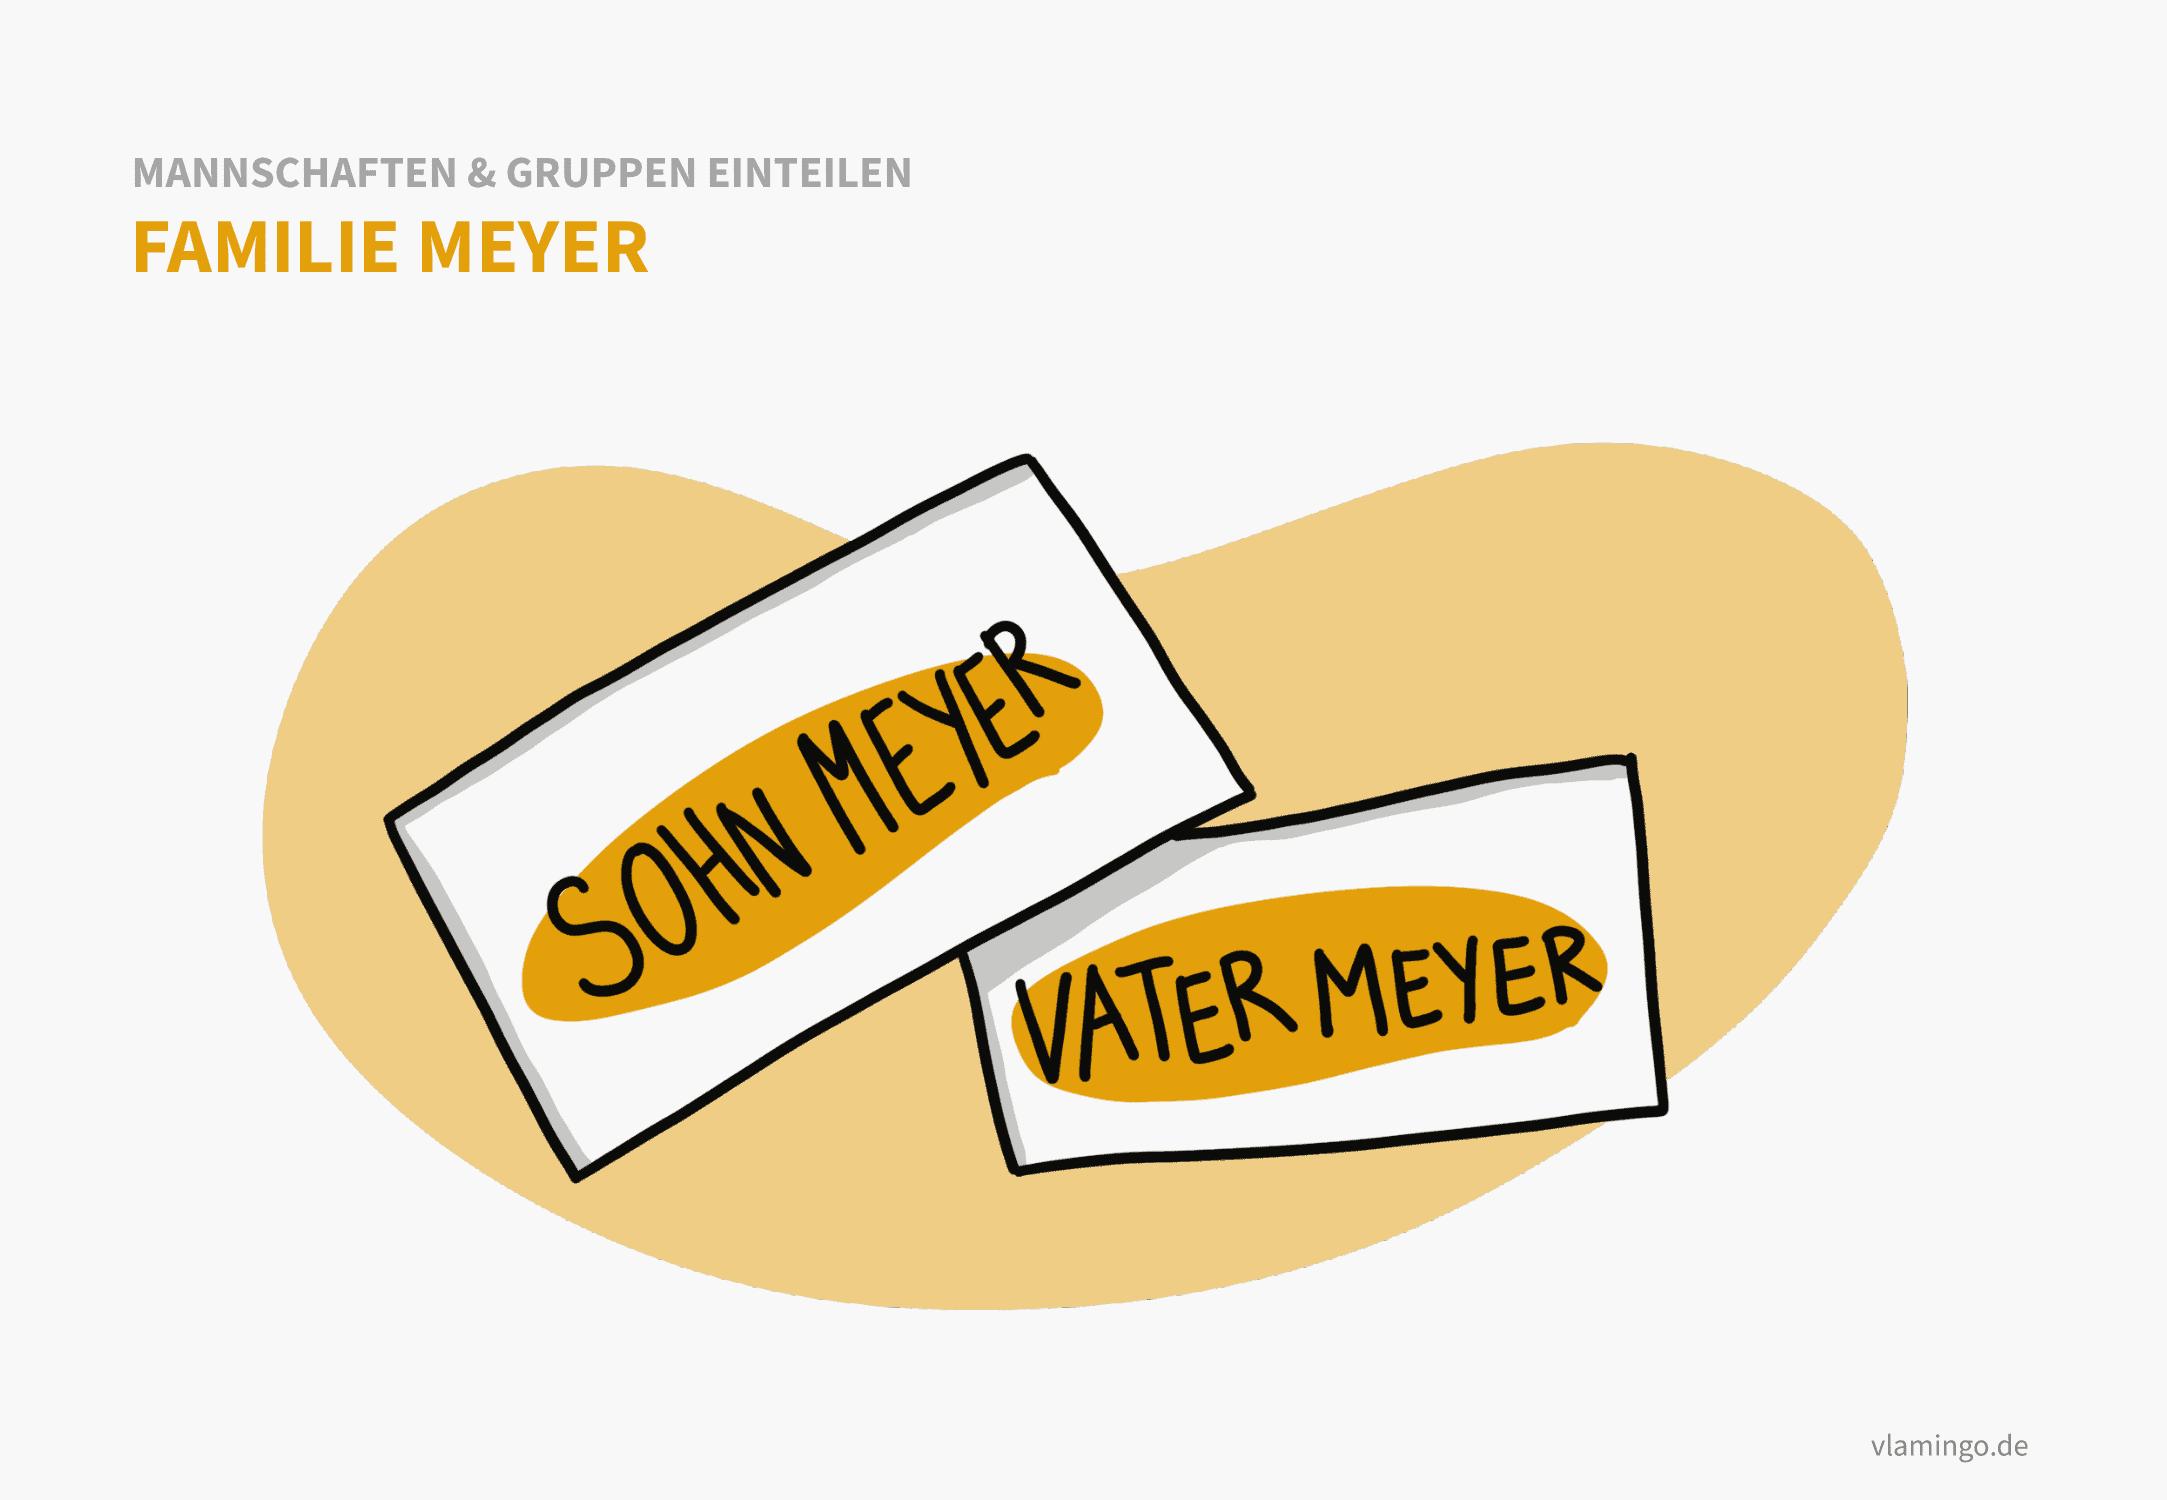 Familie Meyer - Gruppen einteilen